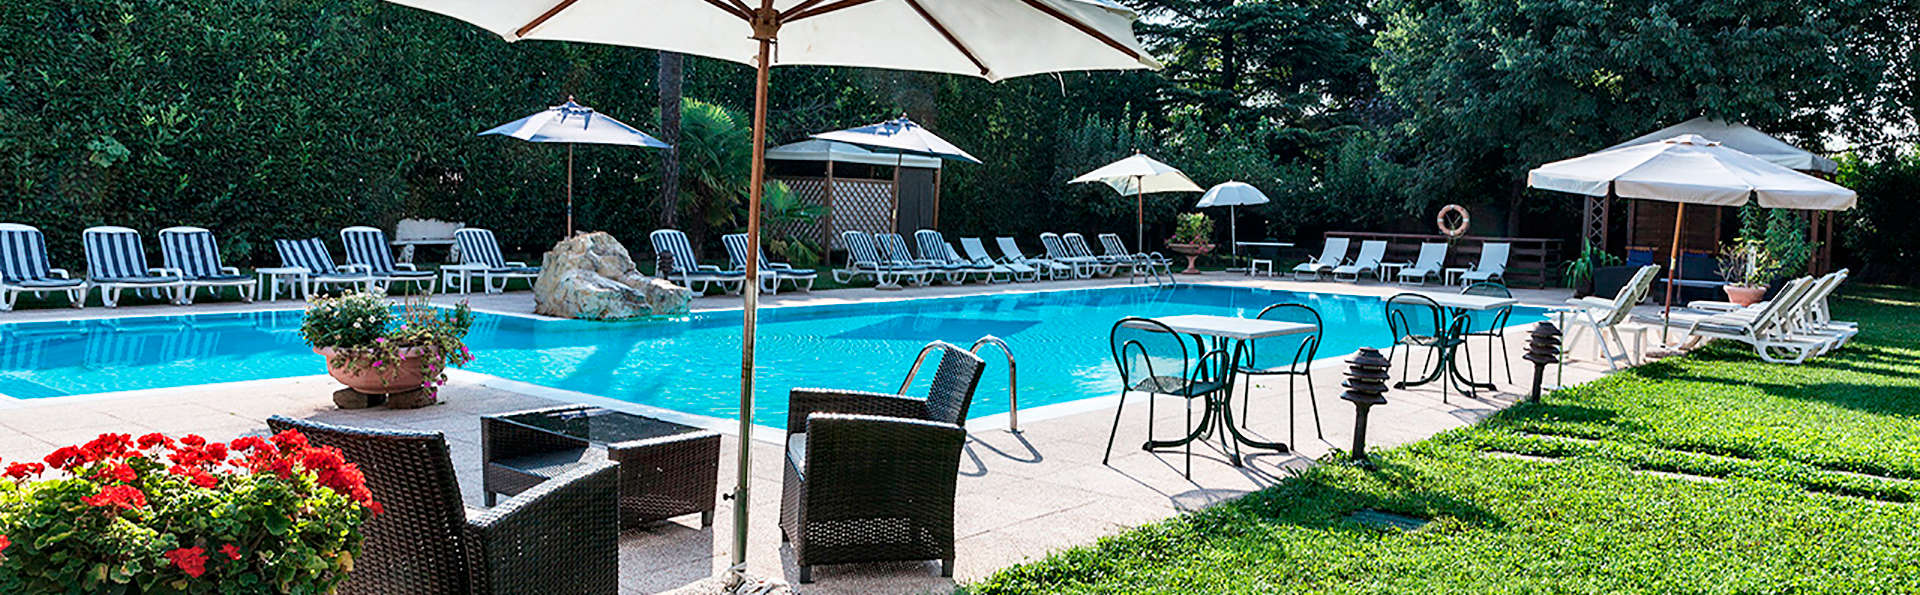 Hotel Saccardi & Spa - EDIT_garden.jpg